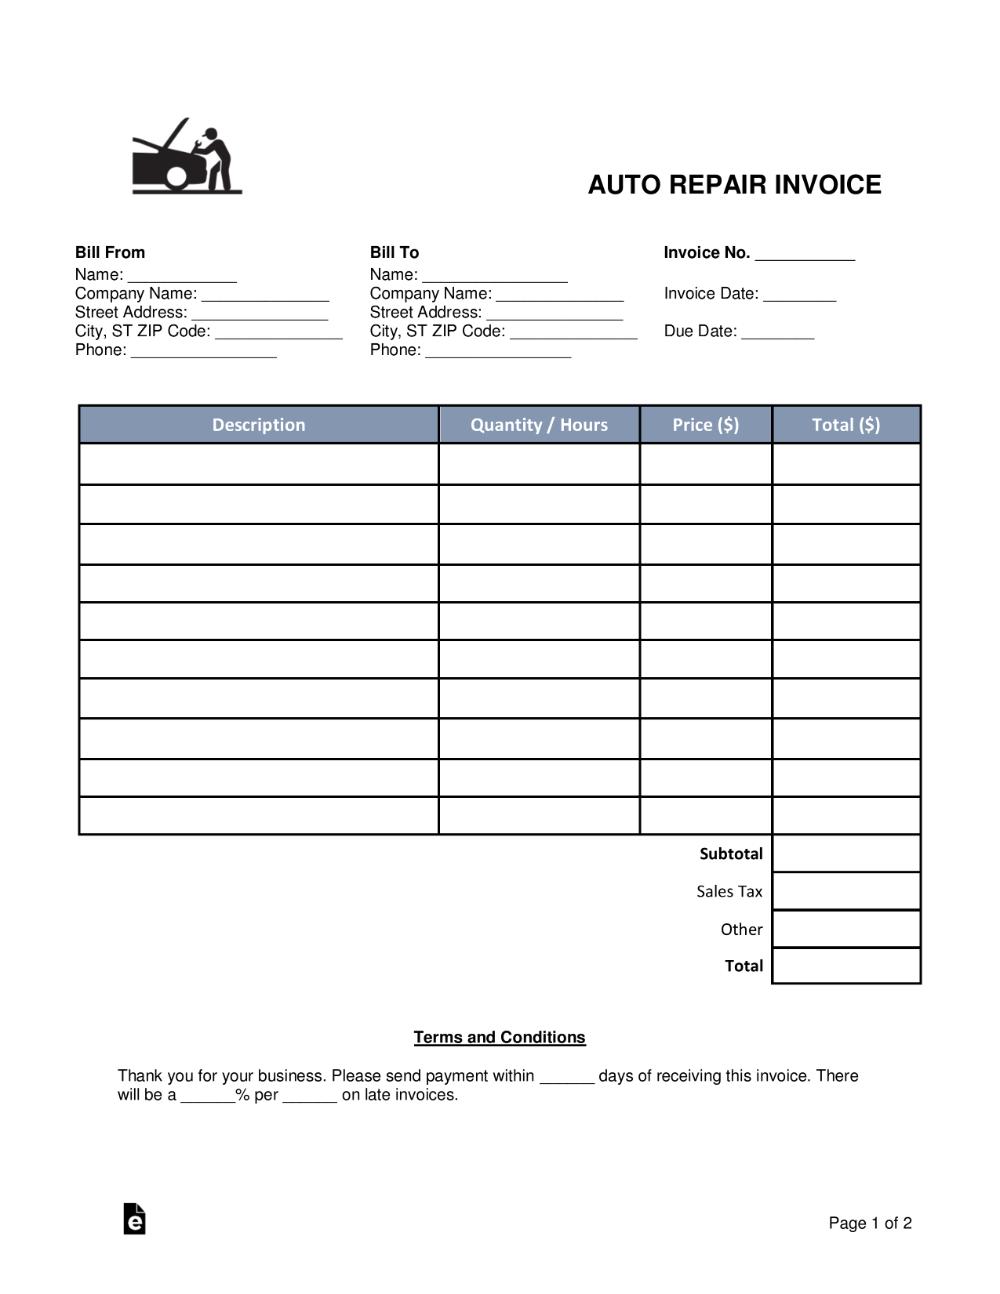 Auto Repair Invoice Template Pdf Invoice Template Word Invoice Template Auto Repair Estimates